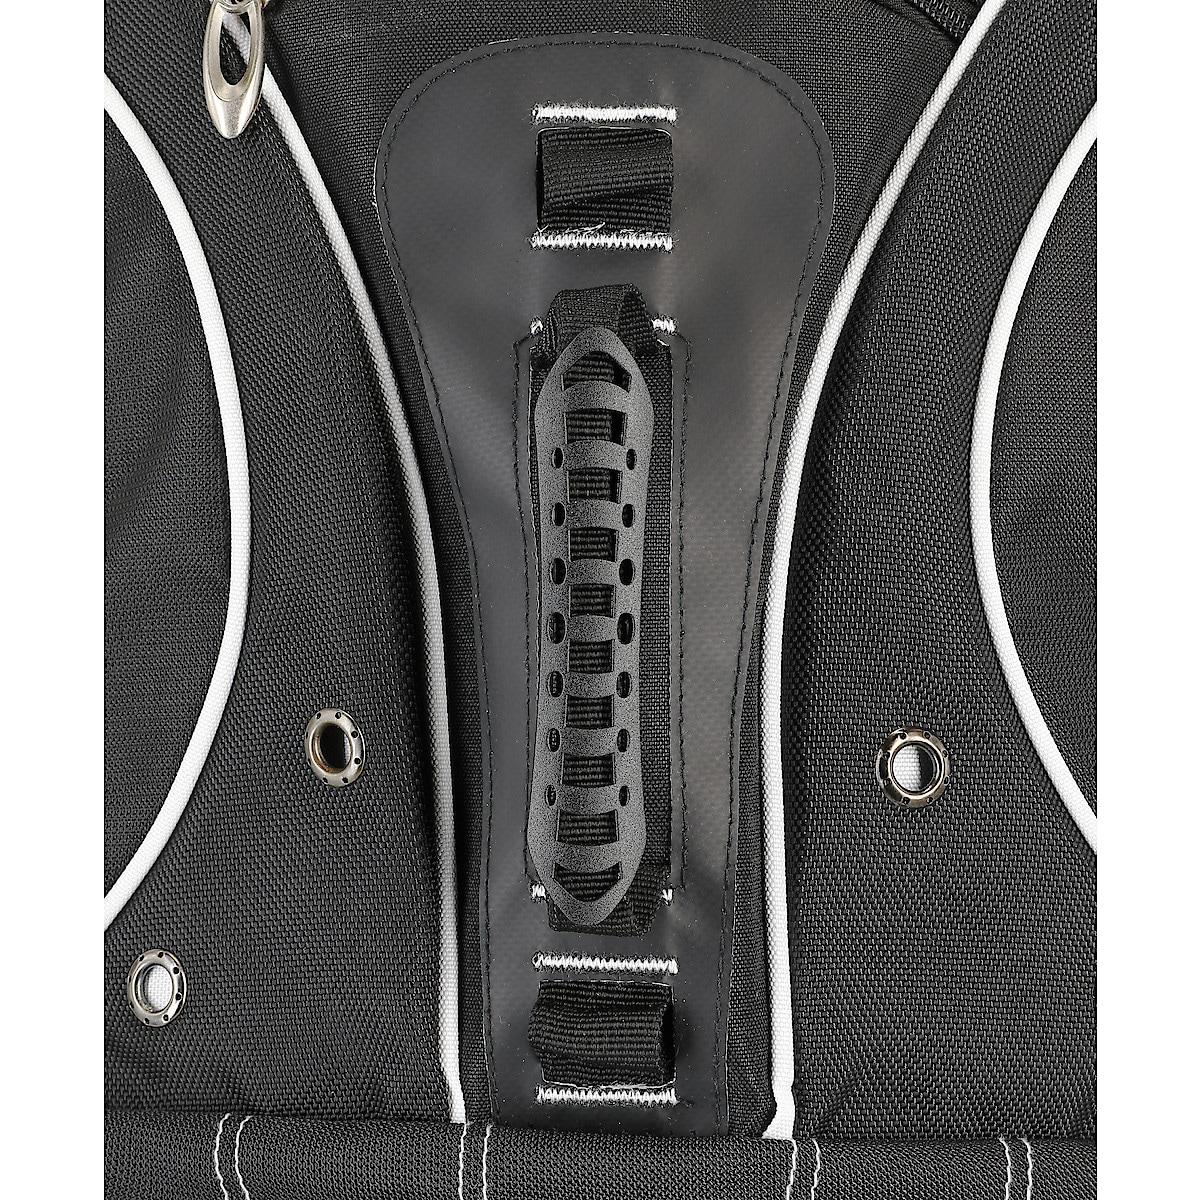 Ryggsäck 30 liter Asaklitt, svart dagsryggsäck